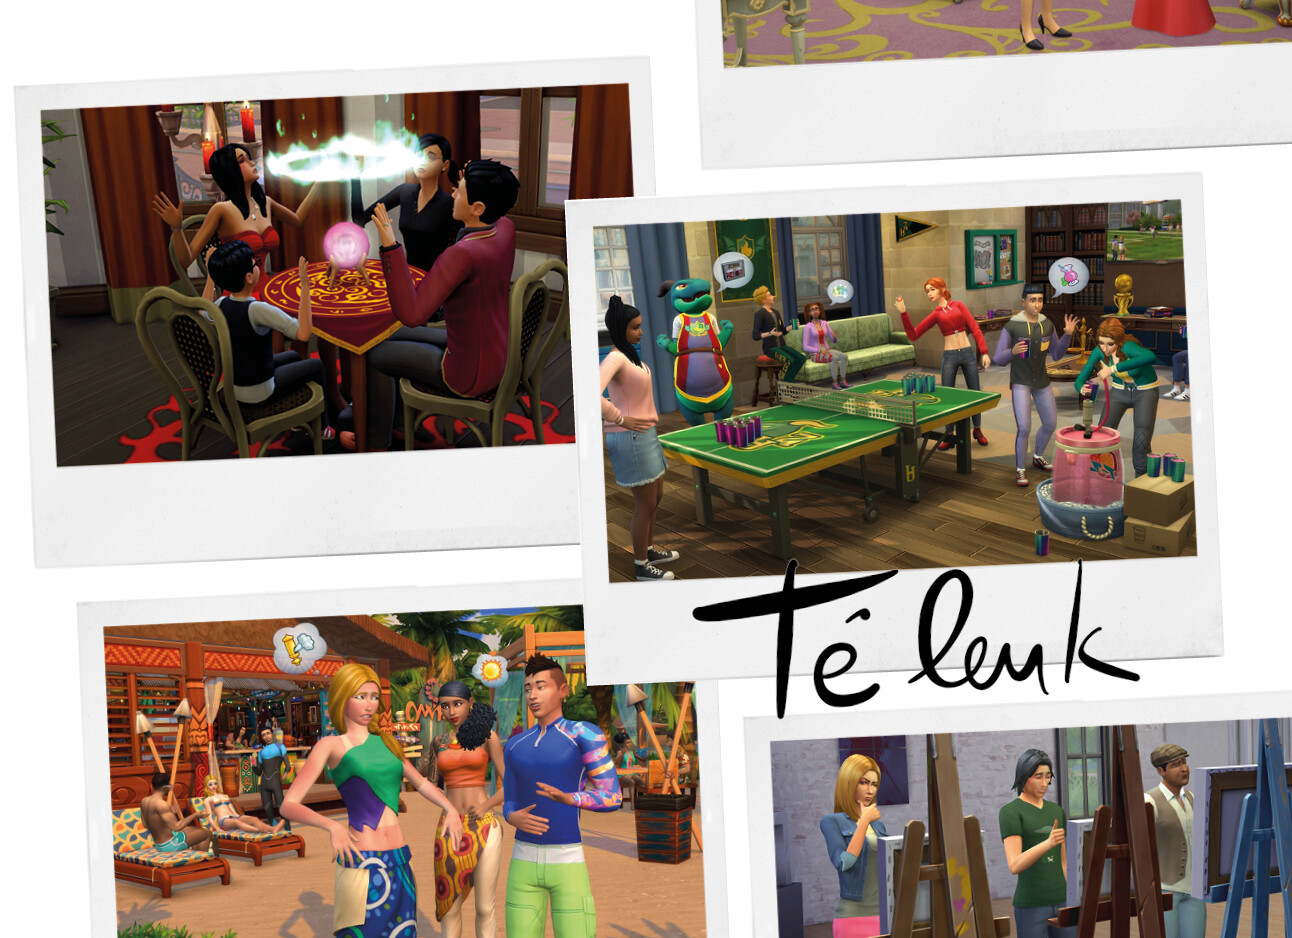 Dingen die in The Sims acceptabel zijn deel 2